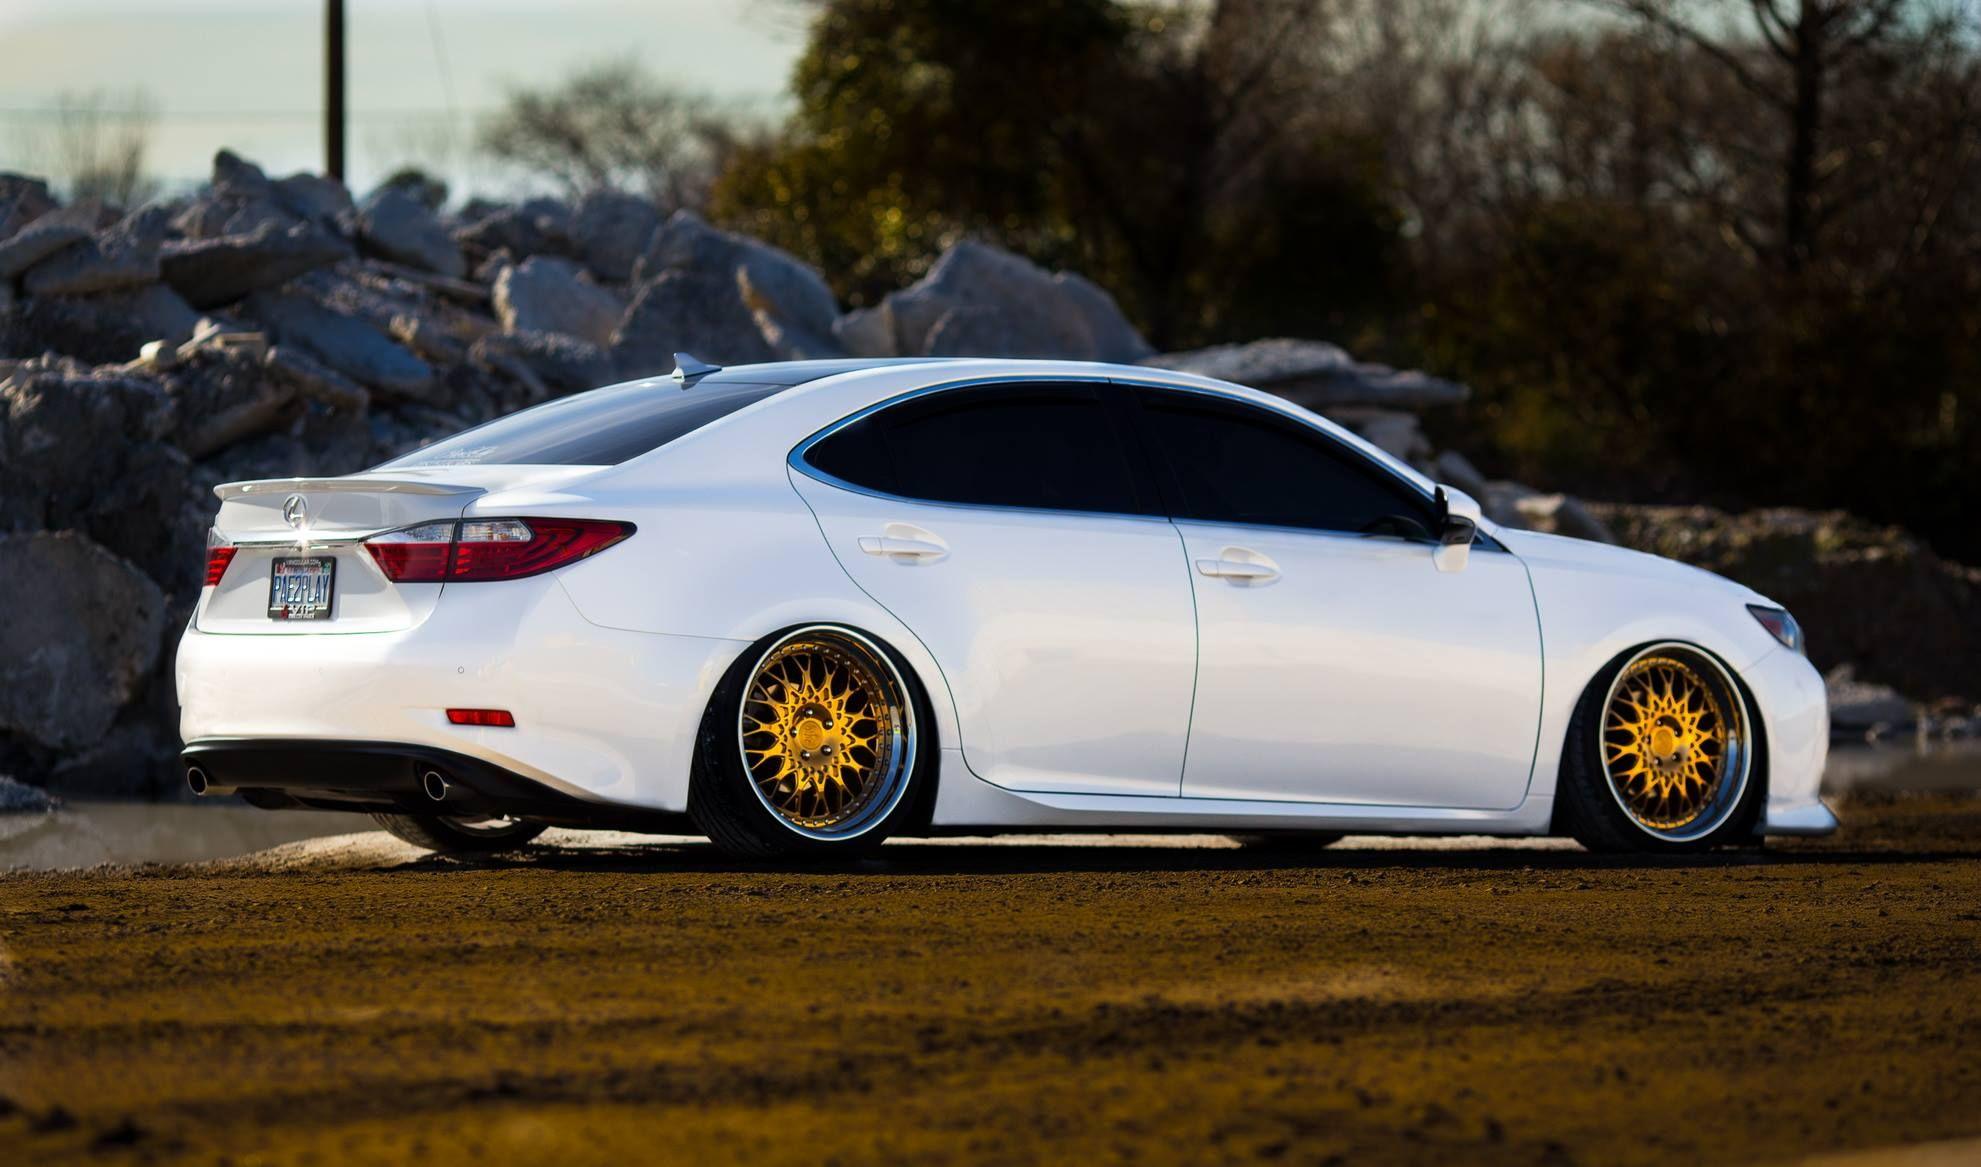 Air suspension ClubLexus Lexus Forum Discussion